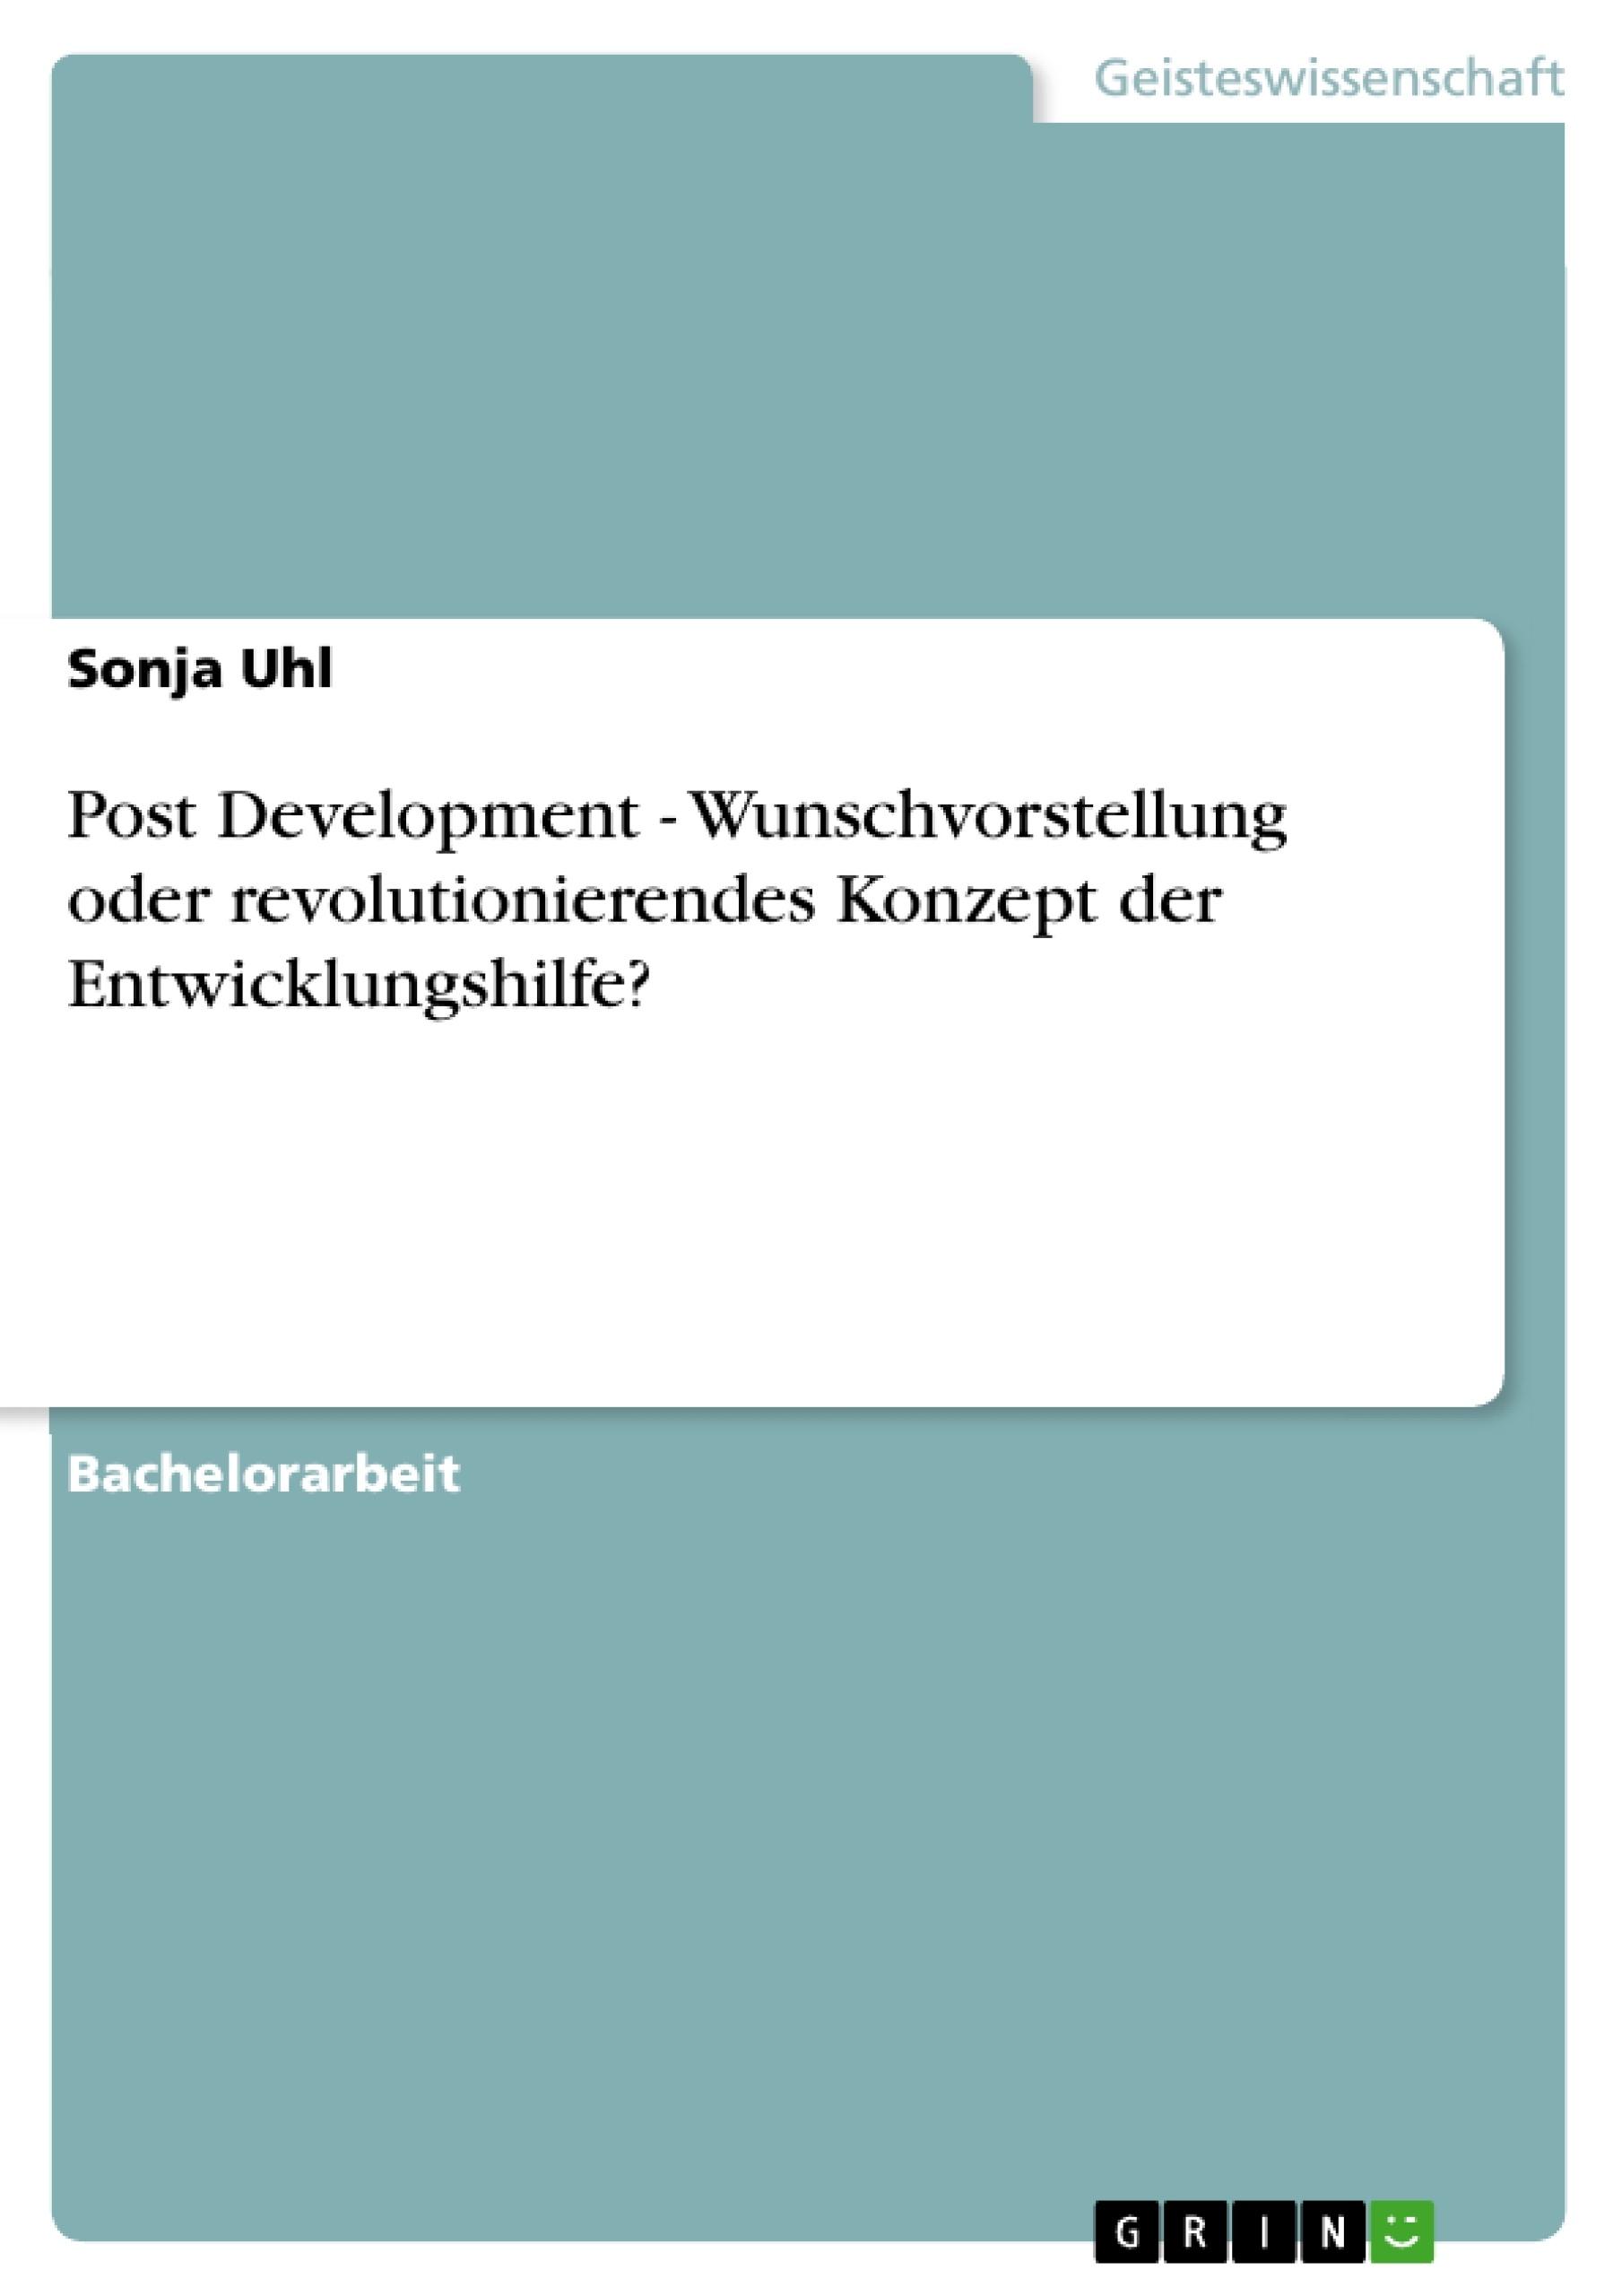 Titel: Post Development - Wunschvorstellung oder revolutionierendes Konzept der Entwicklungshilfe?